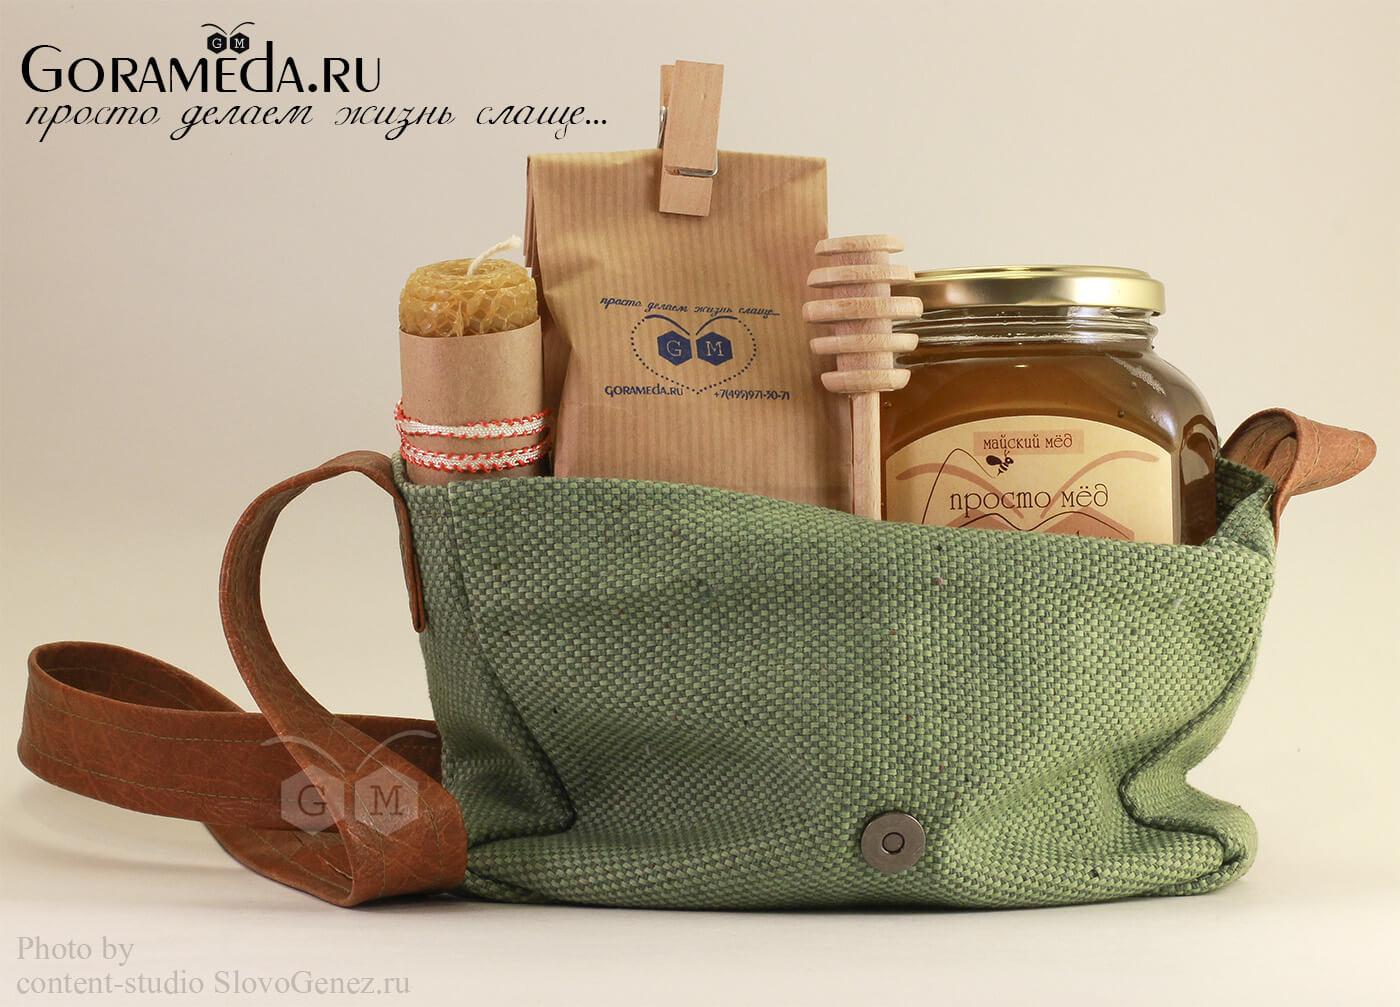 оригинальный корпоративный подарок с мёдом на заказ от gorameda.ru